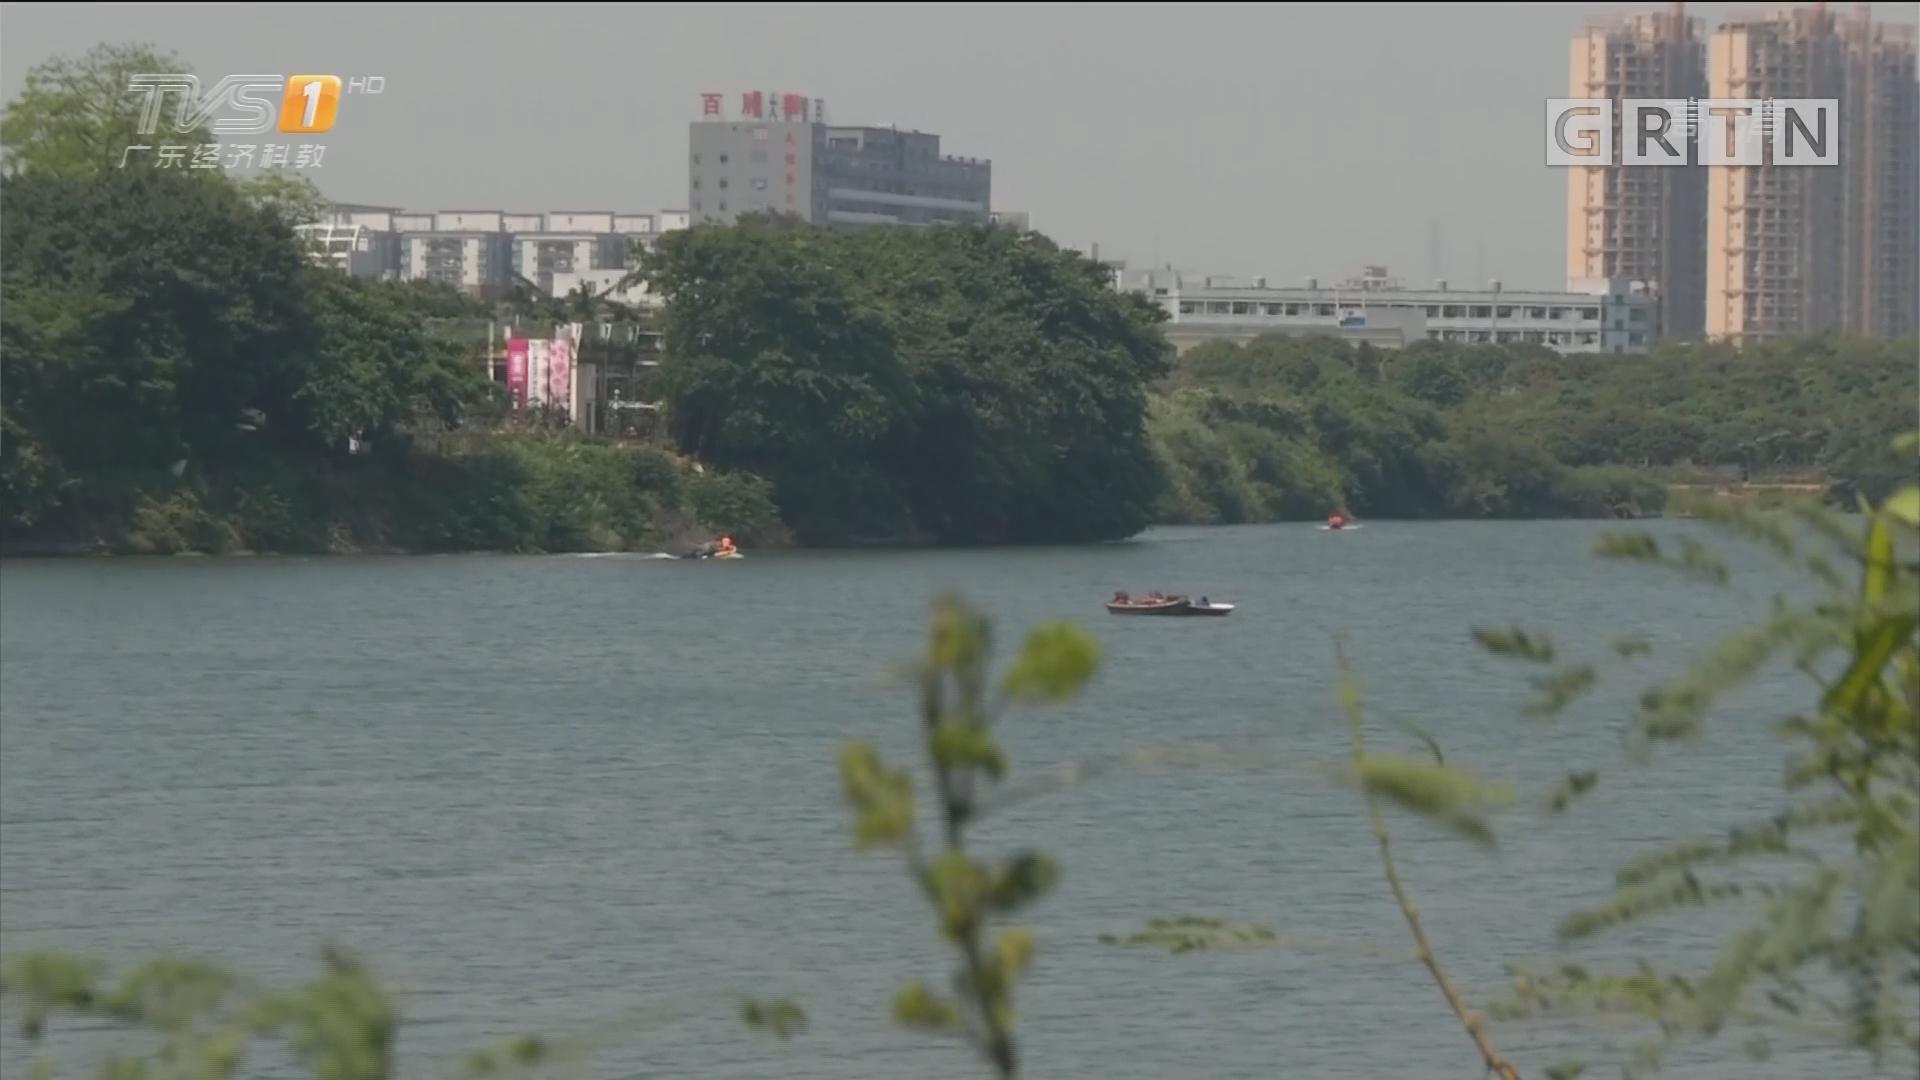 深圳宝安:围湖抓凶第三日 疑似凶手尸体打捞上岸